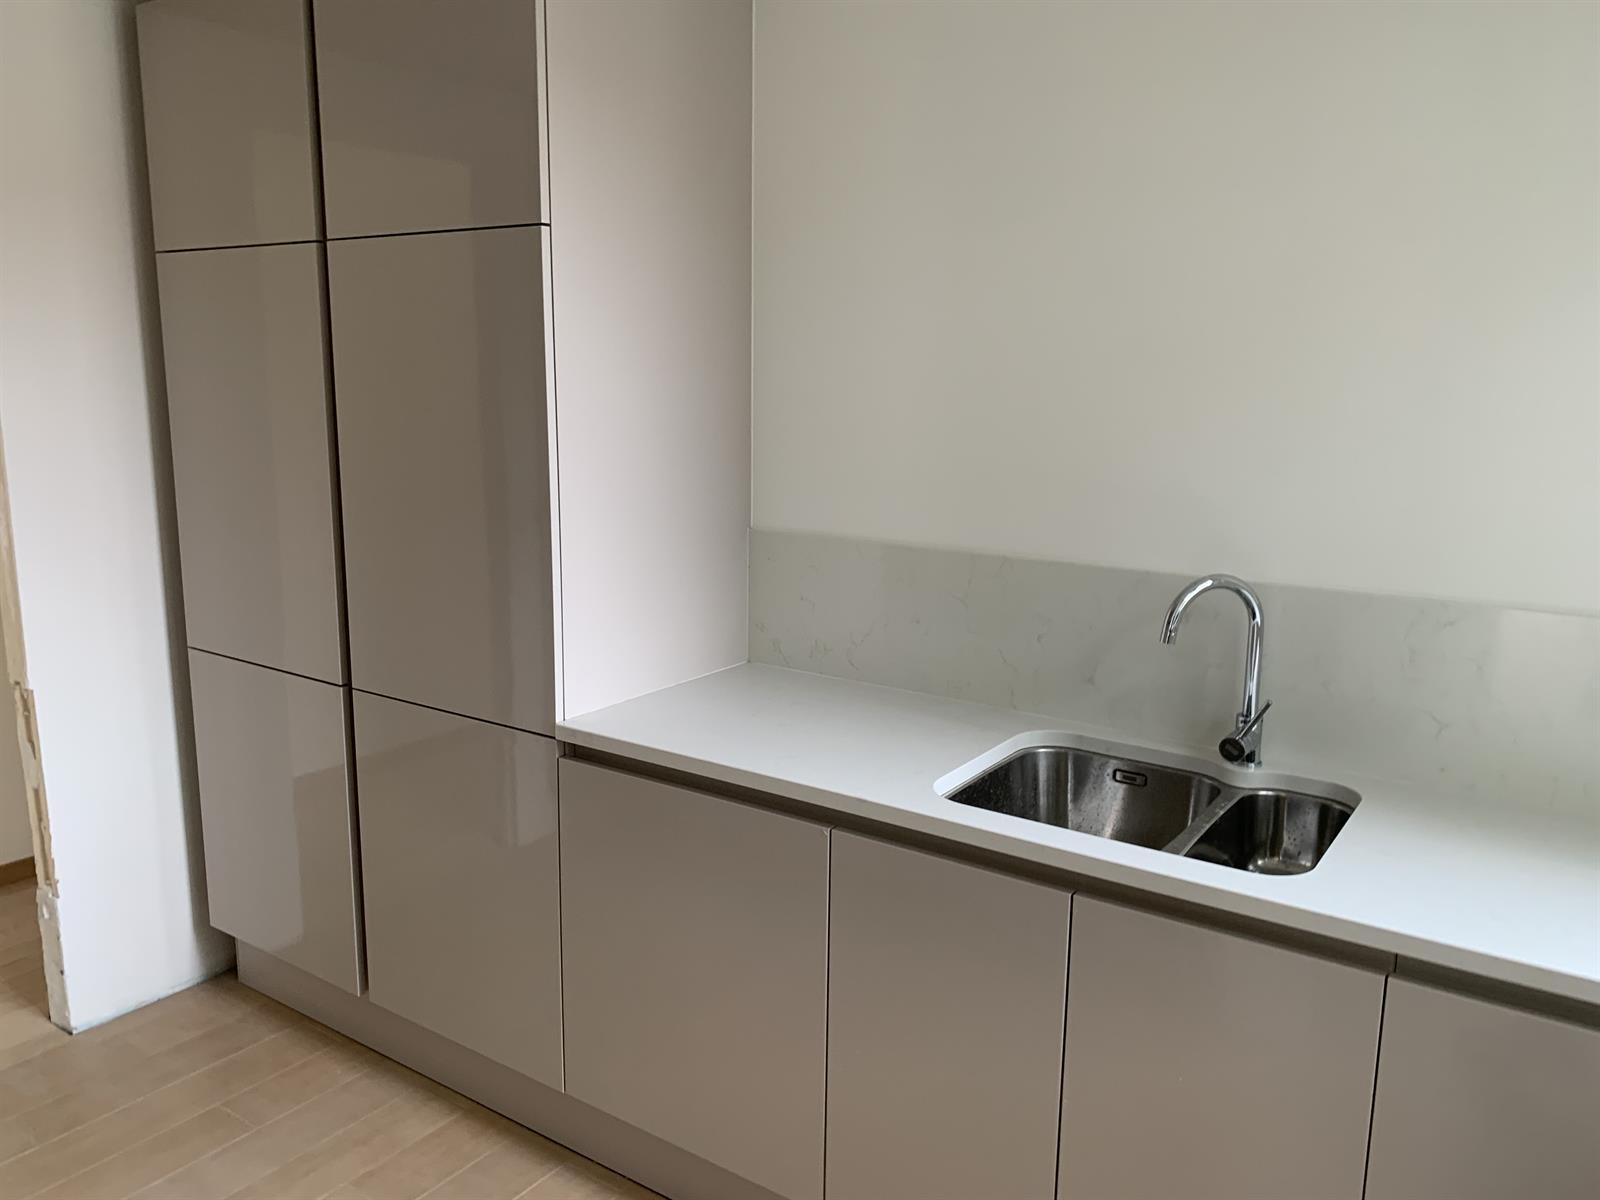 Flat - Ixelles - #4372445-4